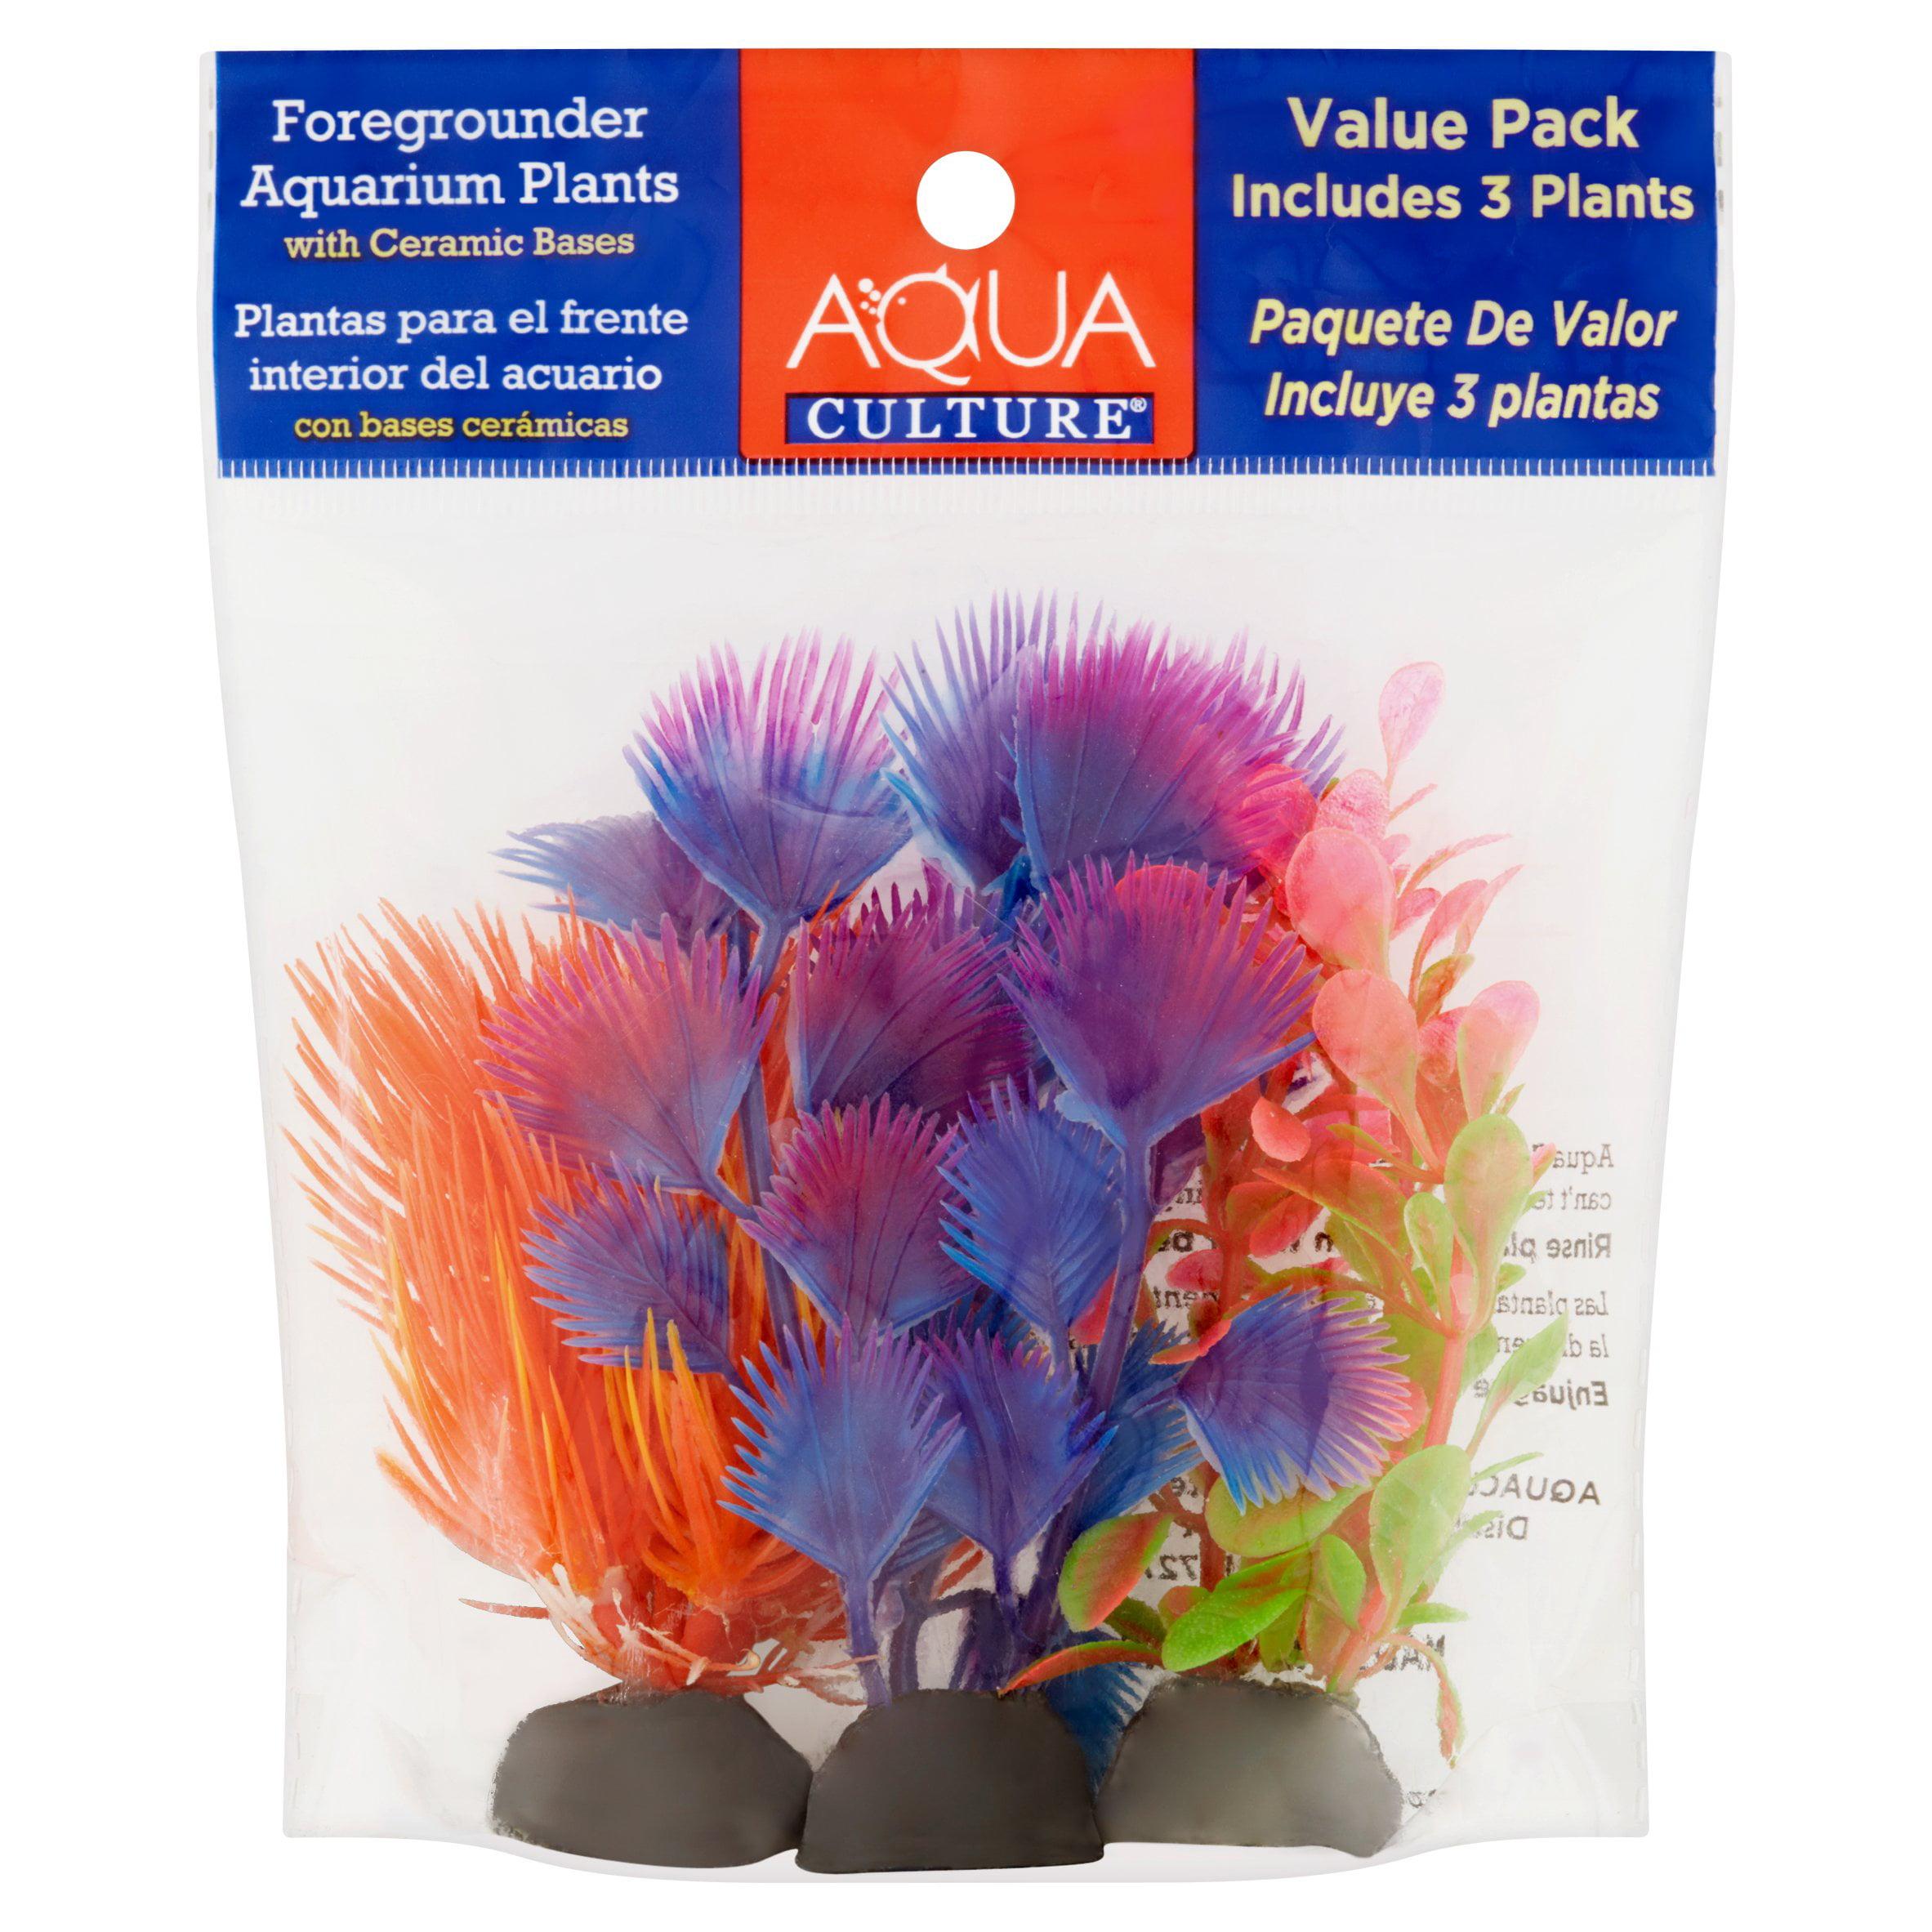 Aqua Culture Foregrounder Aquarium Plants, 3 Ct by Wal-Mart Stores, Inc.